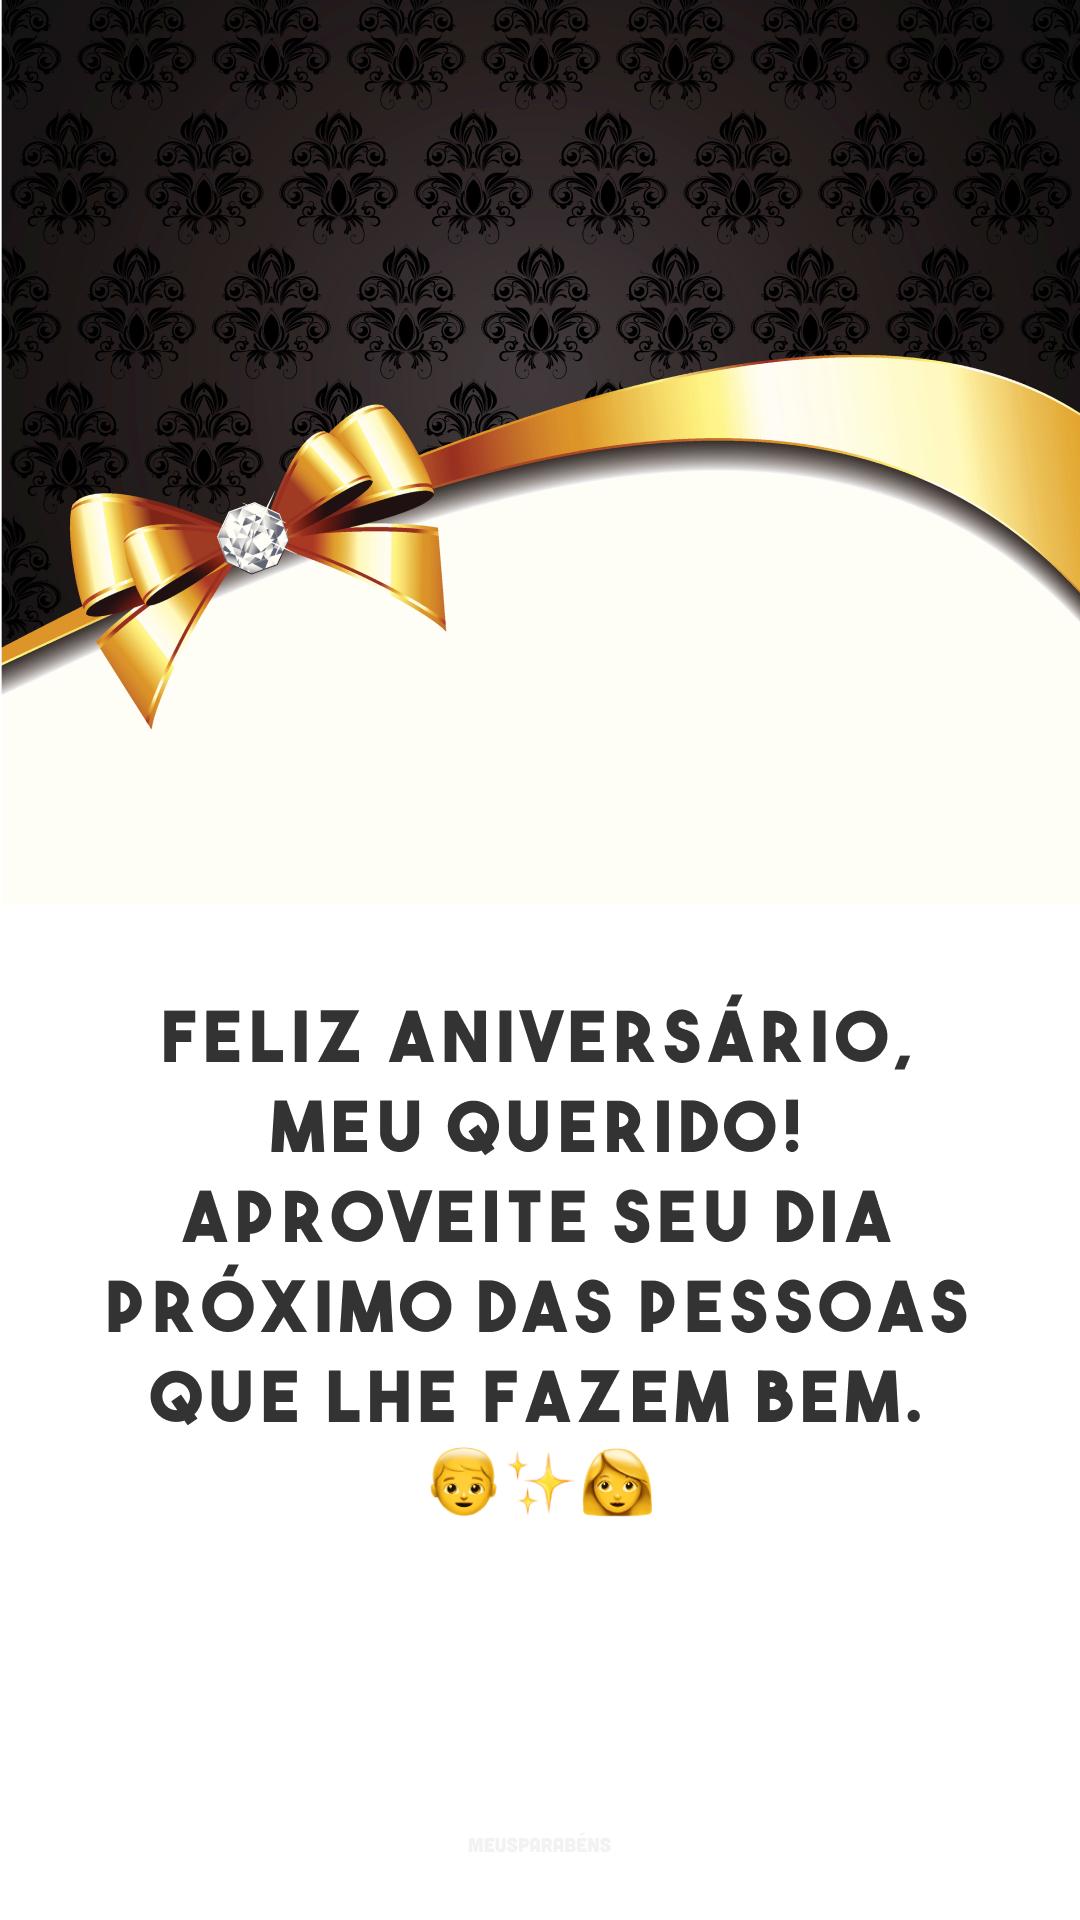 Feliz aniversário, meu querido! Aproveite seu dia próximo das pessoas que lhe fazem bem. 👦✨👩